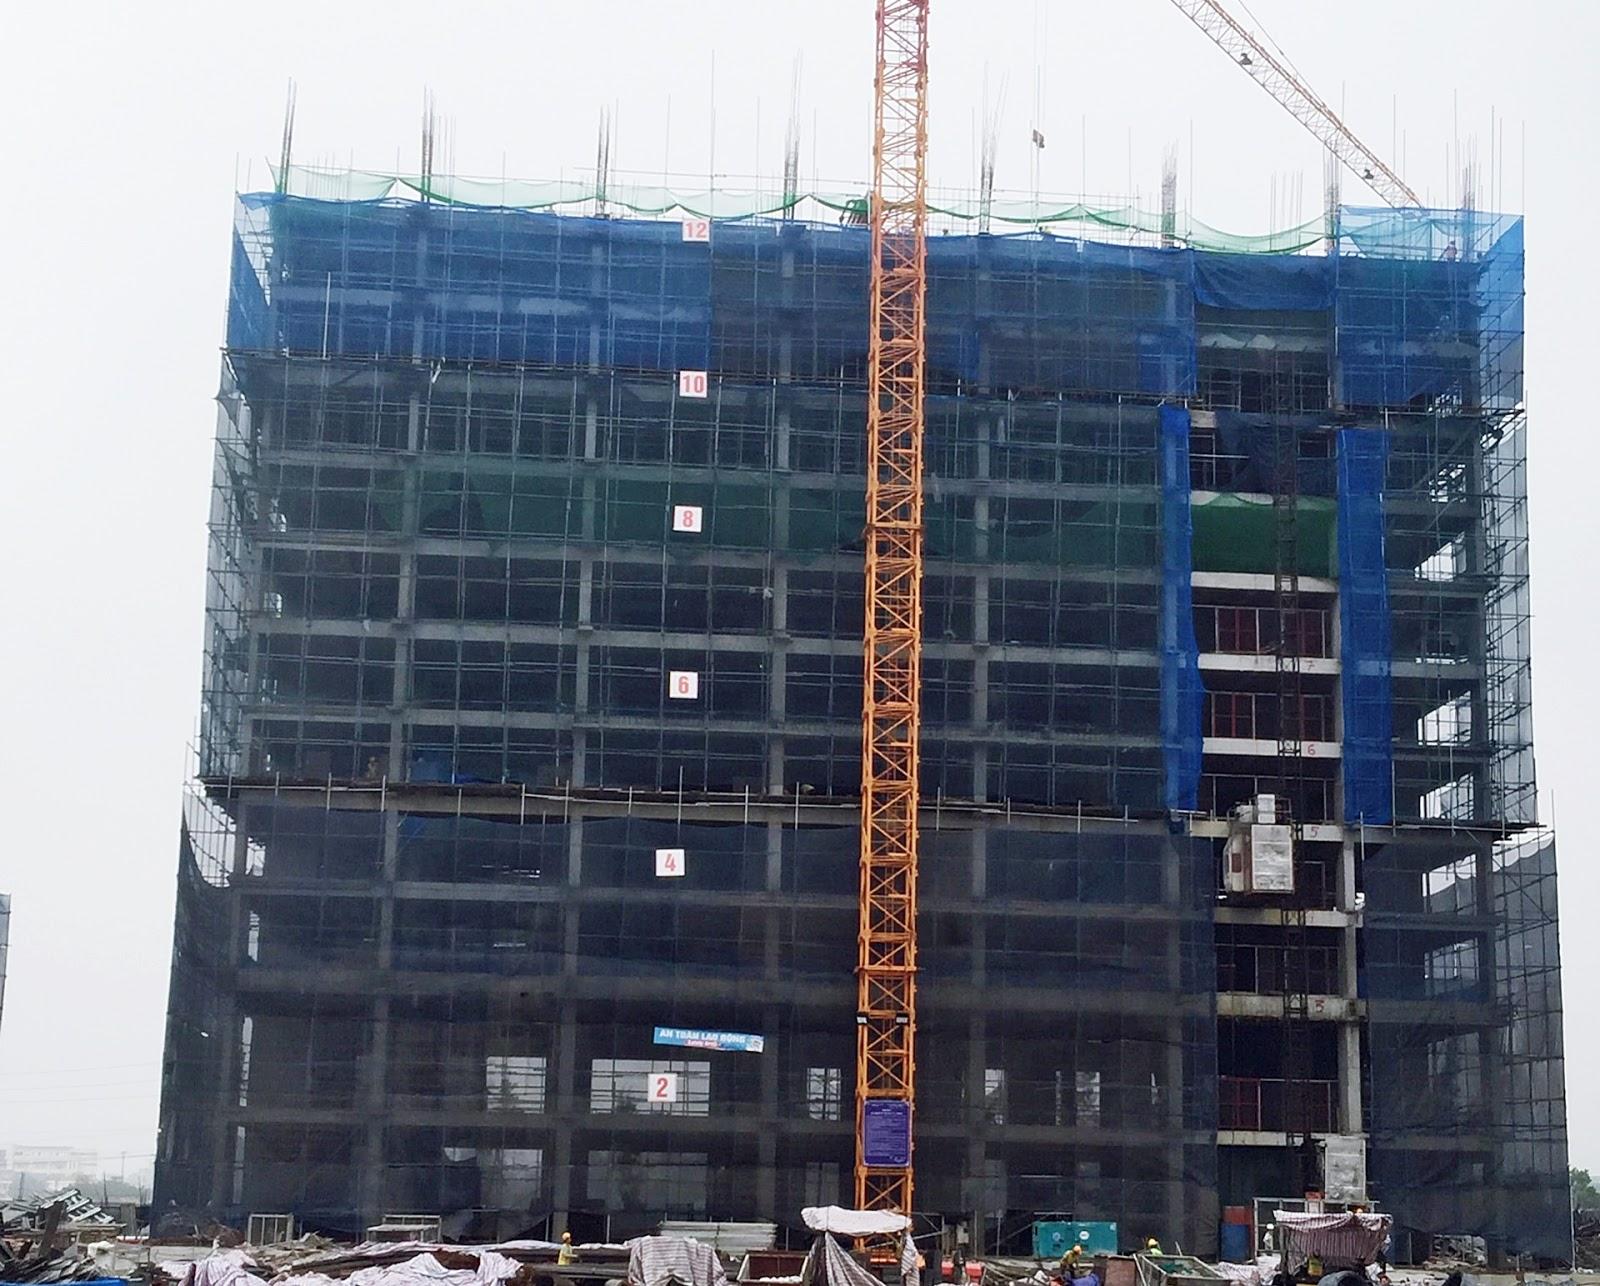 Tòa CT1A đã xây dựng tới tầng 14